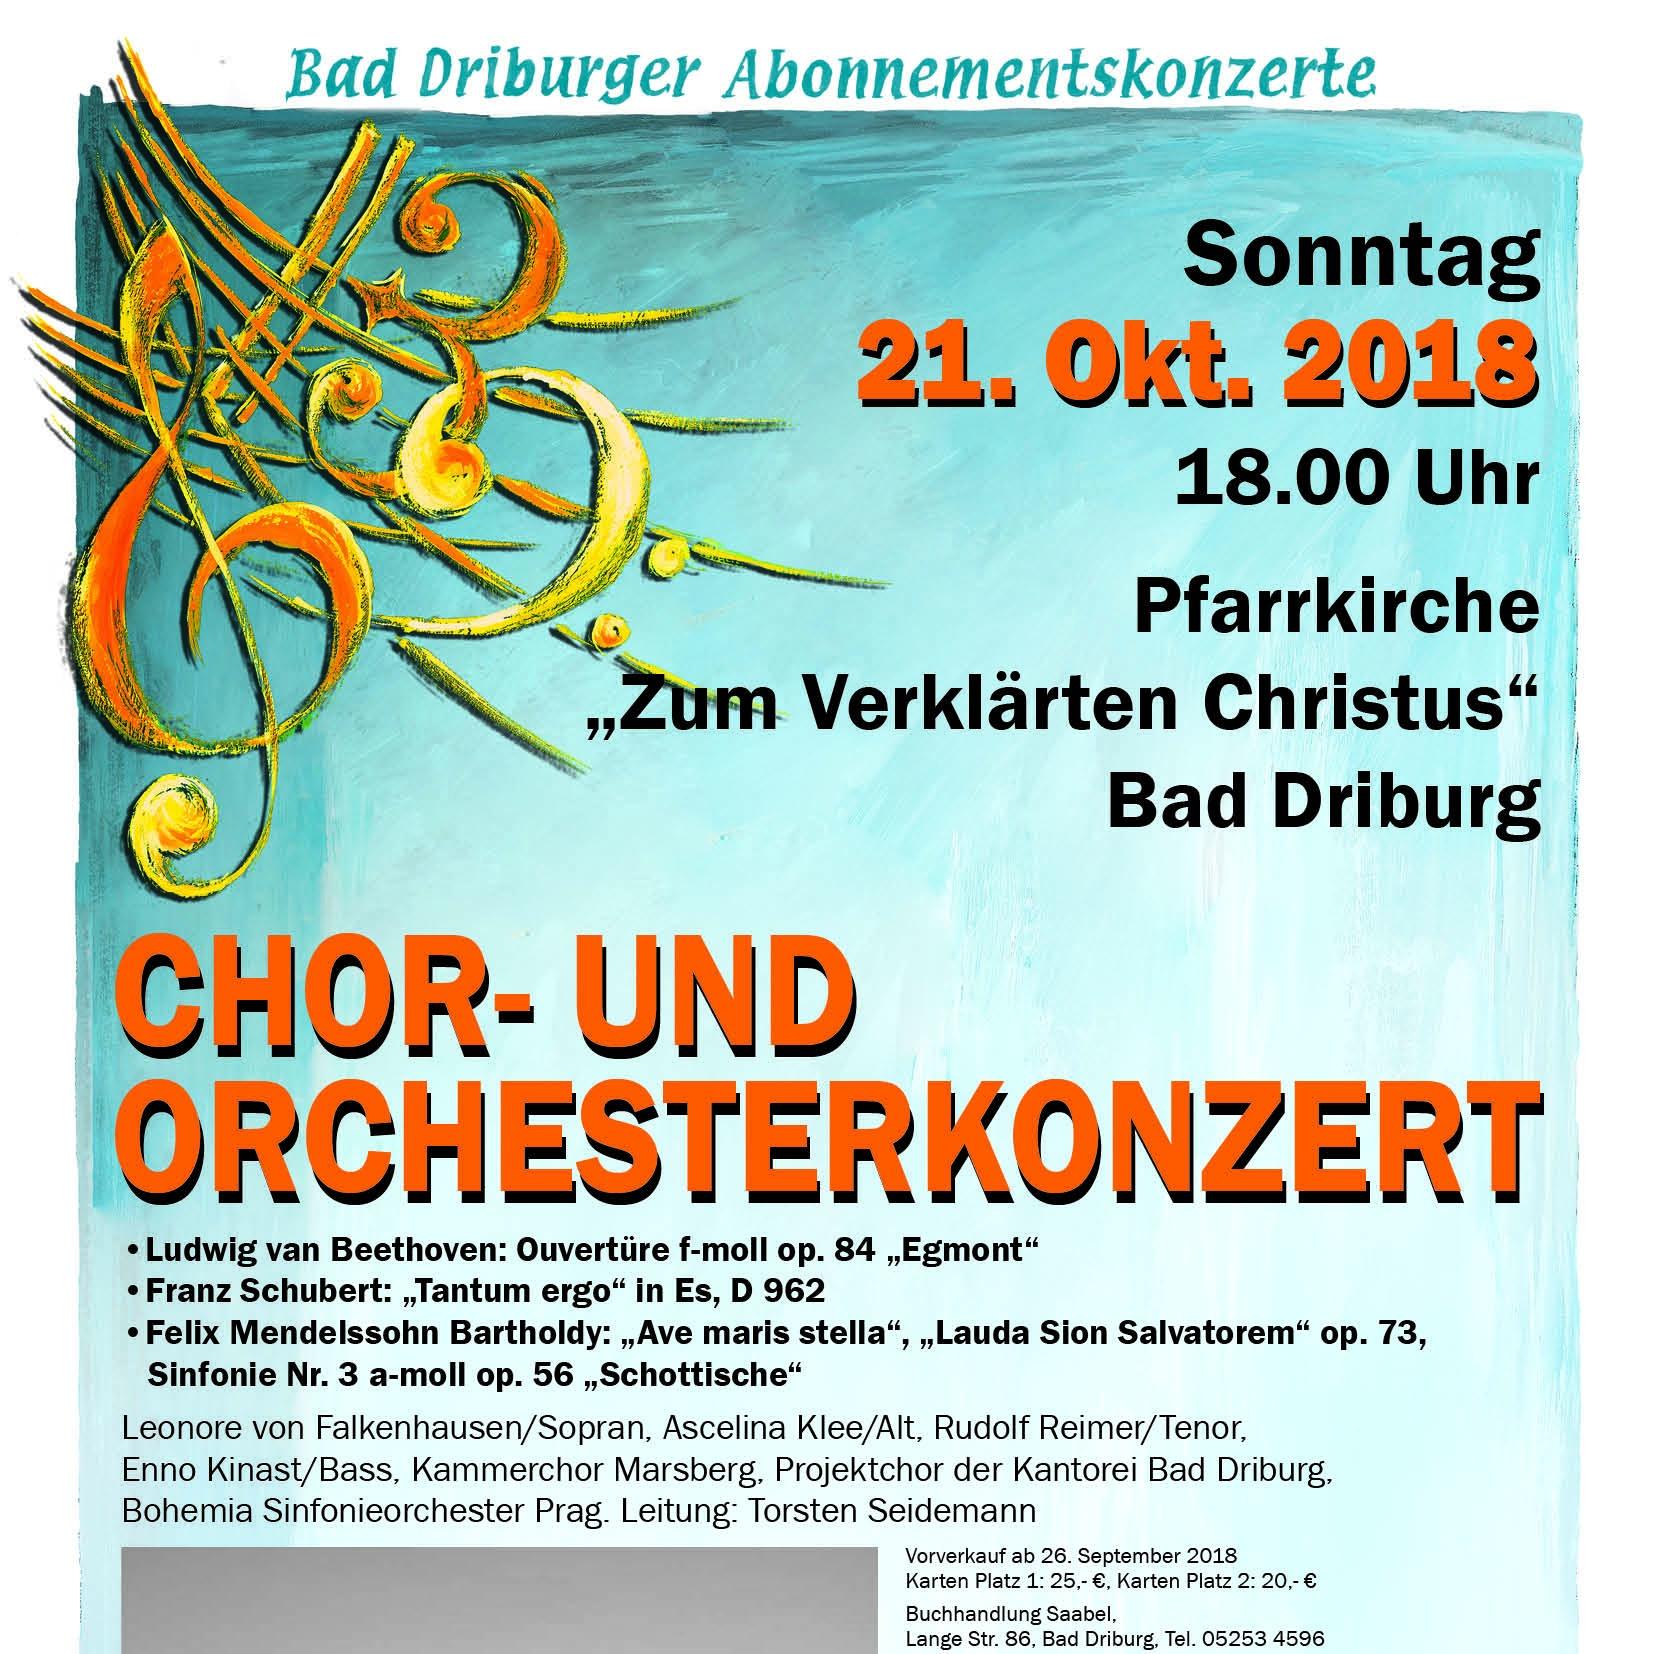 Chor- und Orchesterkonzert